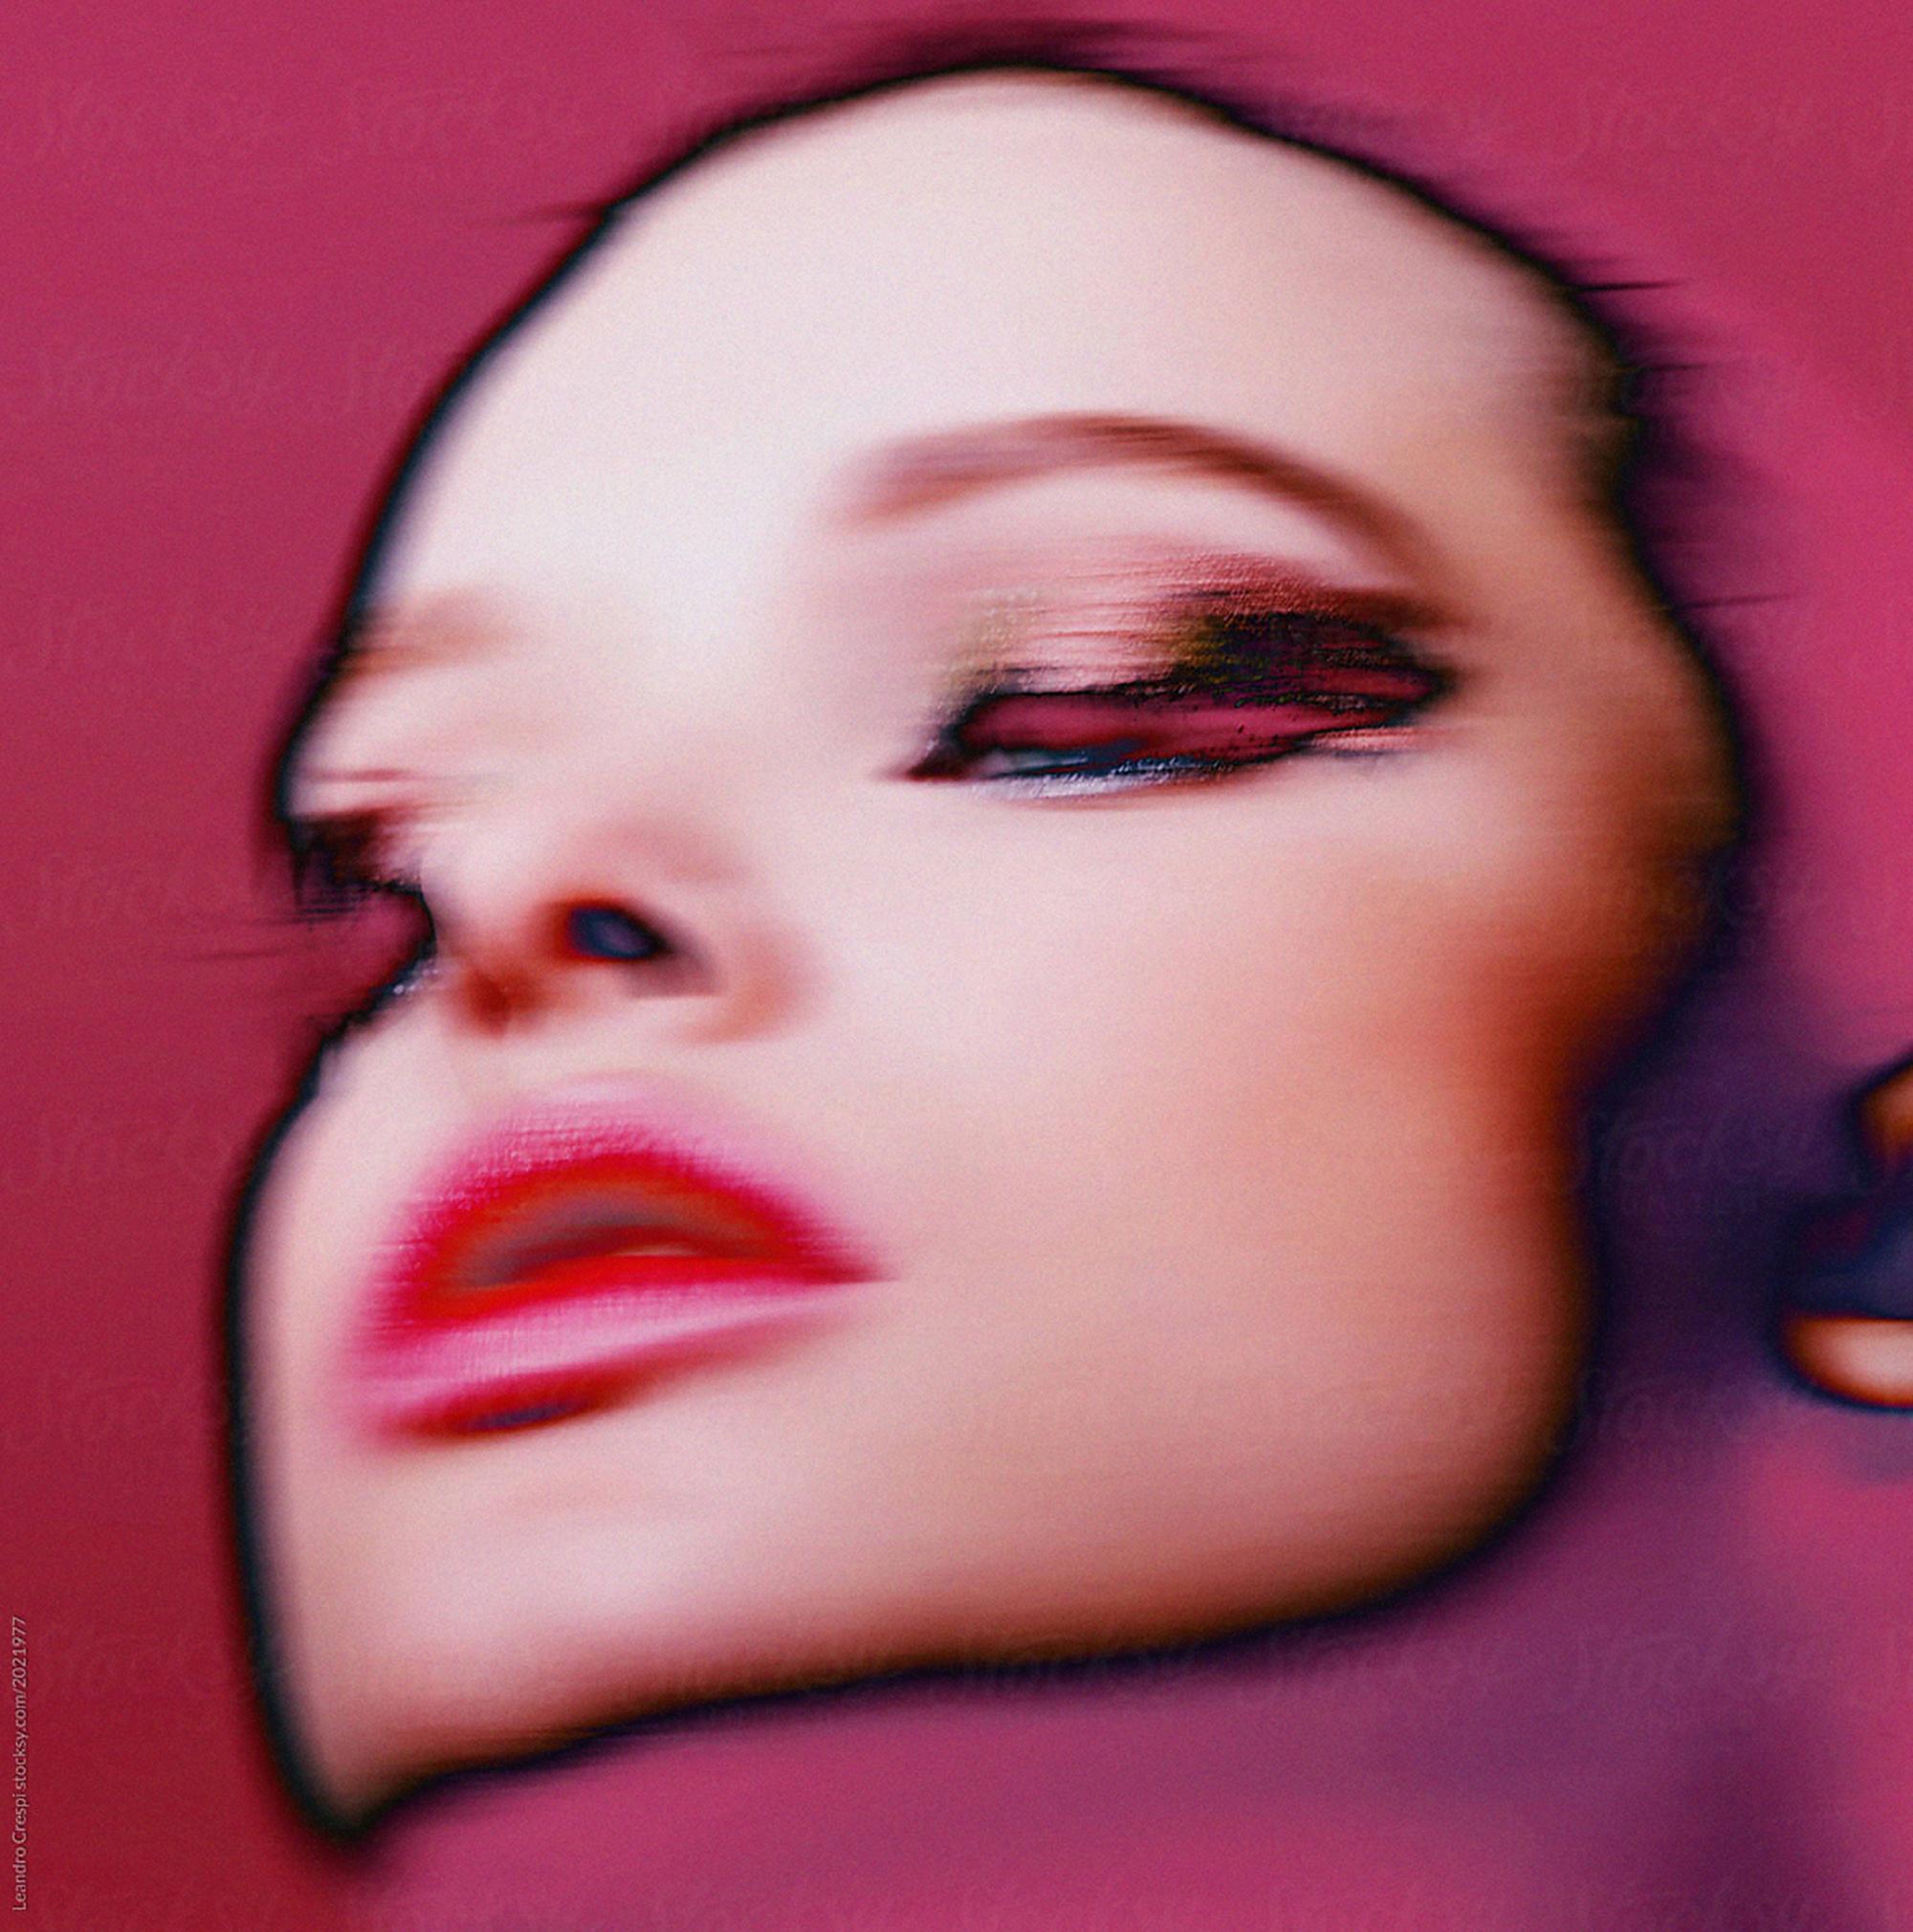 Estudio_fotografico_direccion_arte_maquillaje_barcelona.jpg